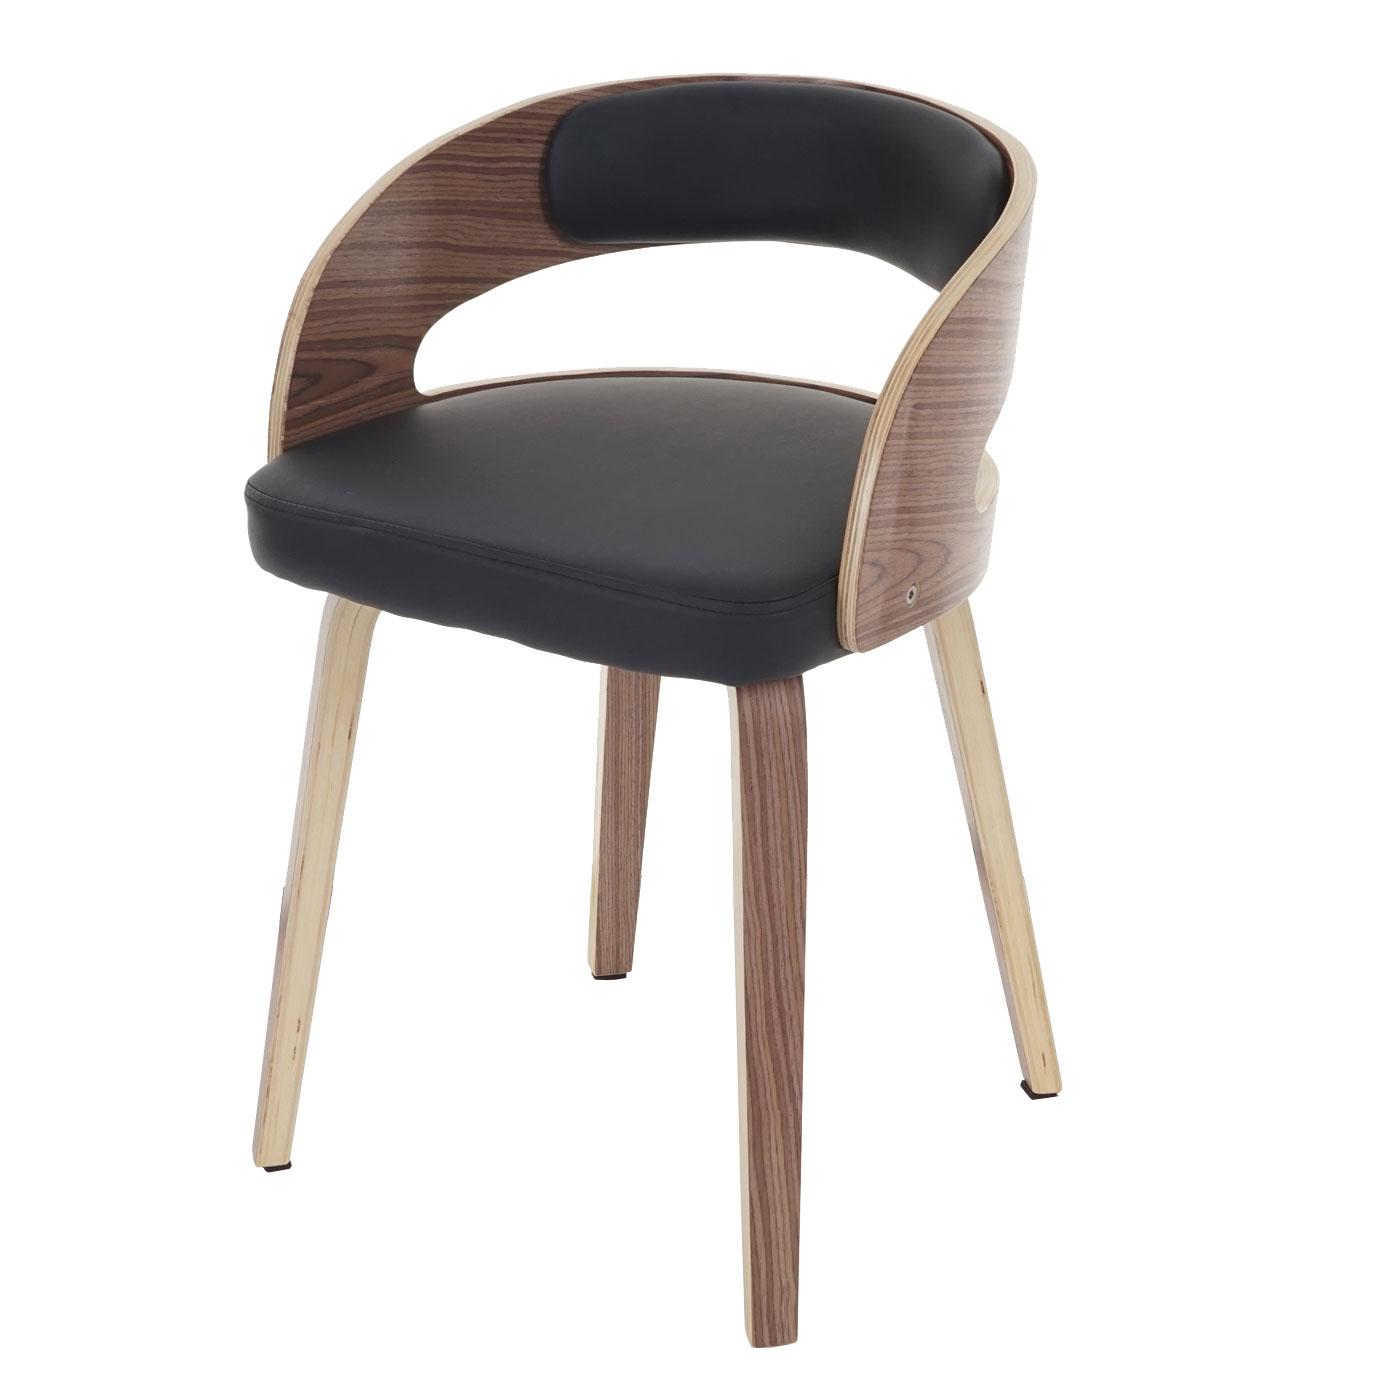 besucherstuhl pula stuhl bugholz holz retro schwarz. Black Bedroom Furniture Sets. Home Design Ideas